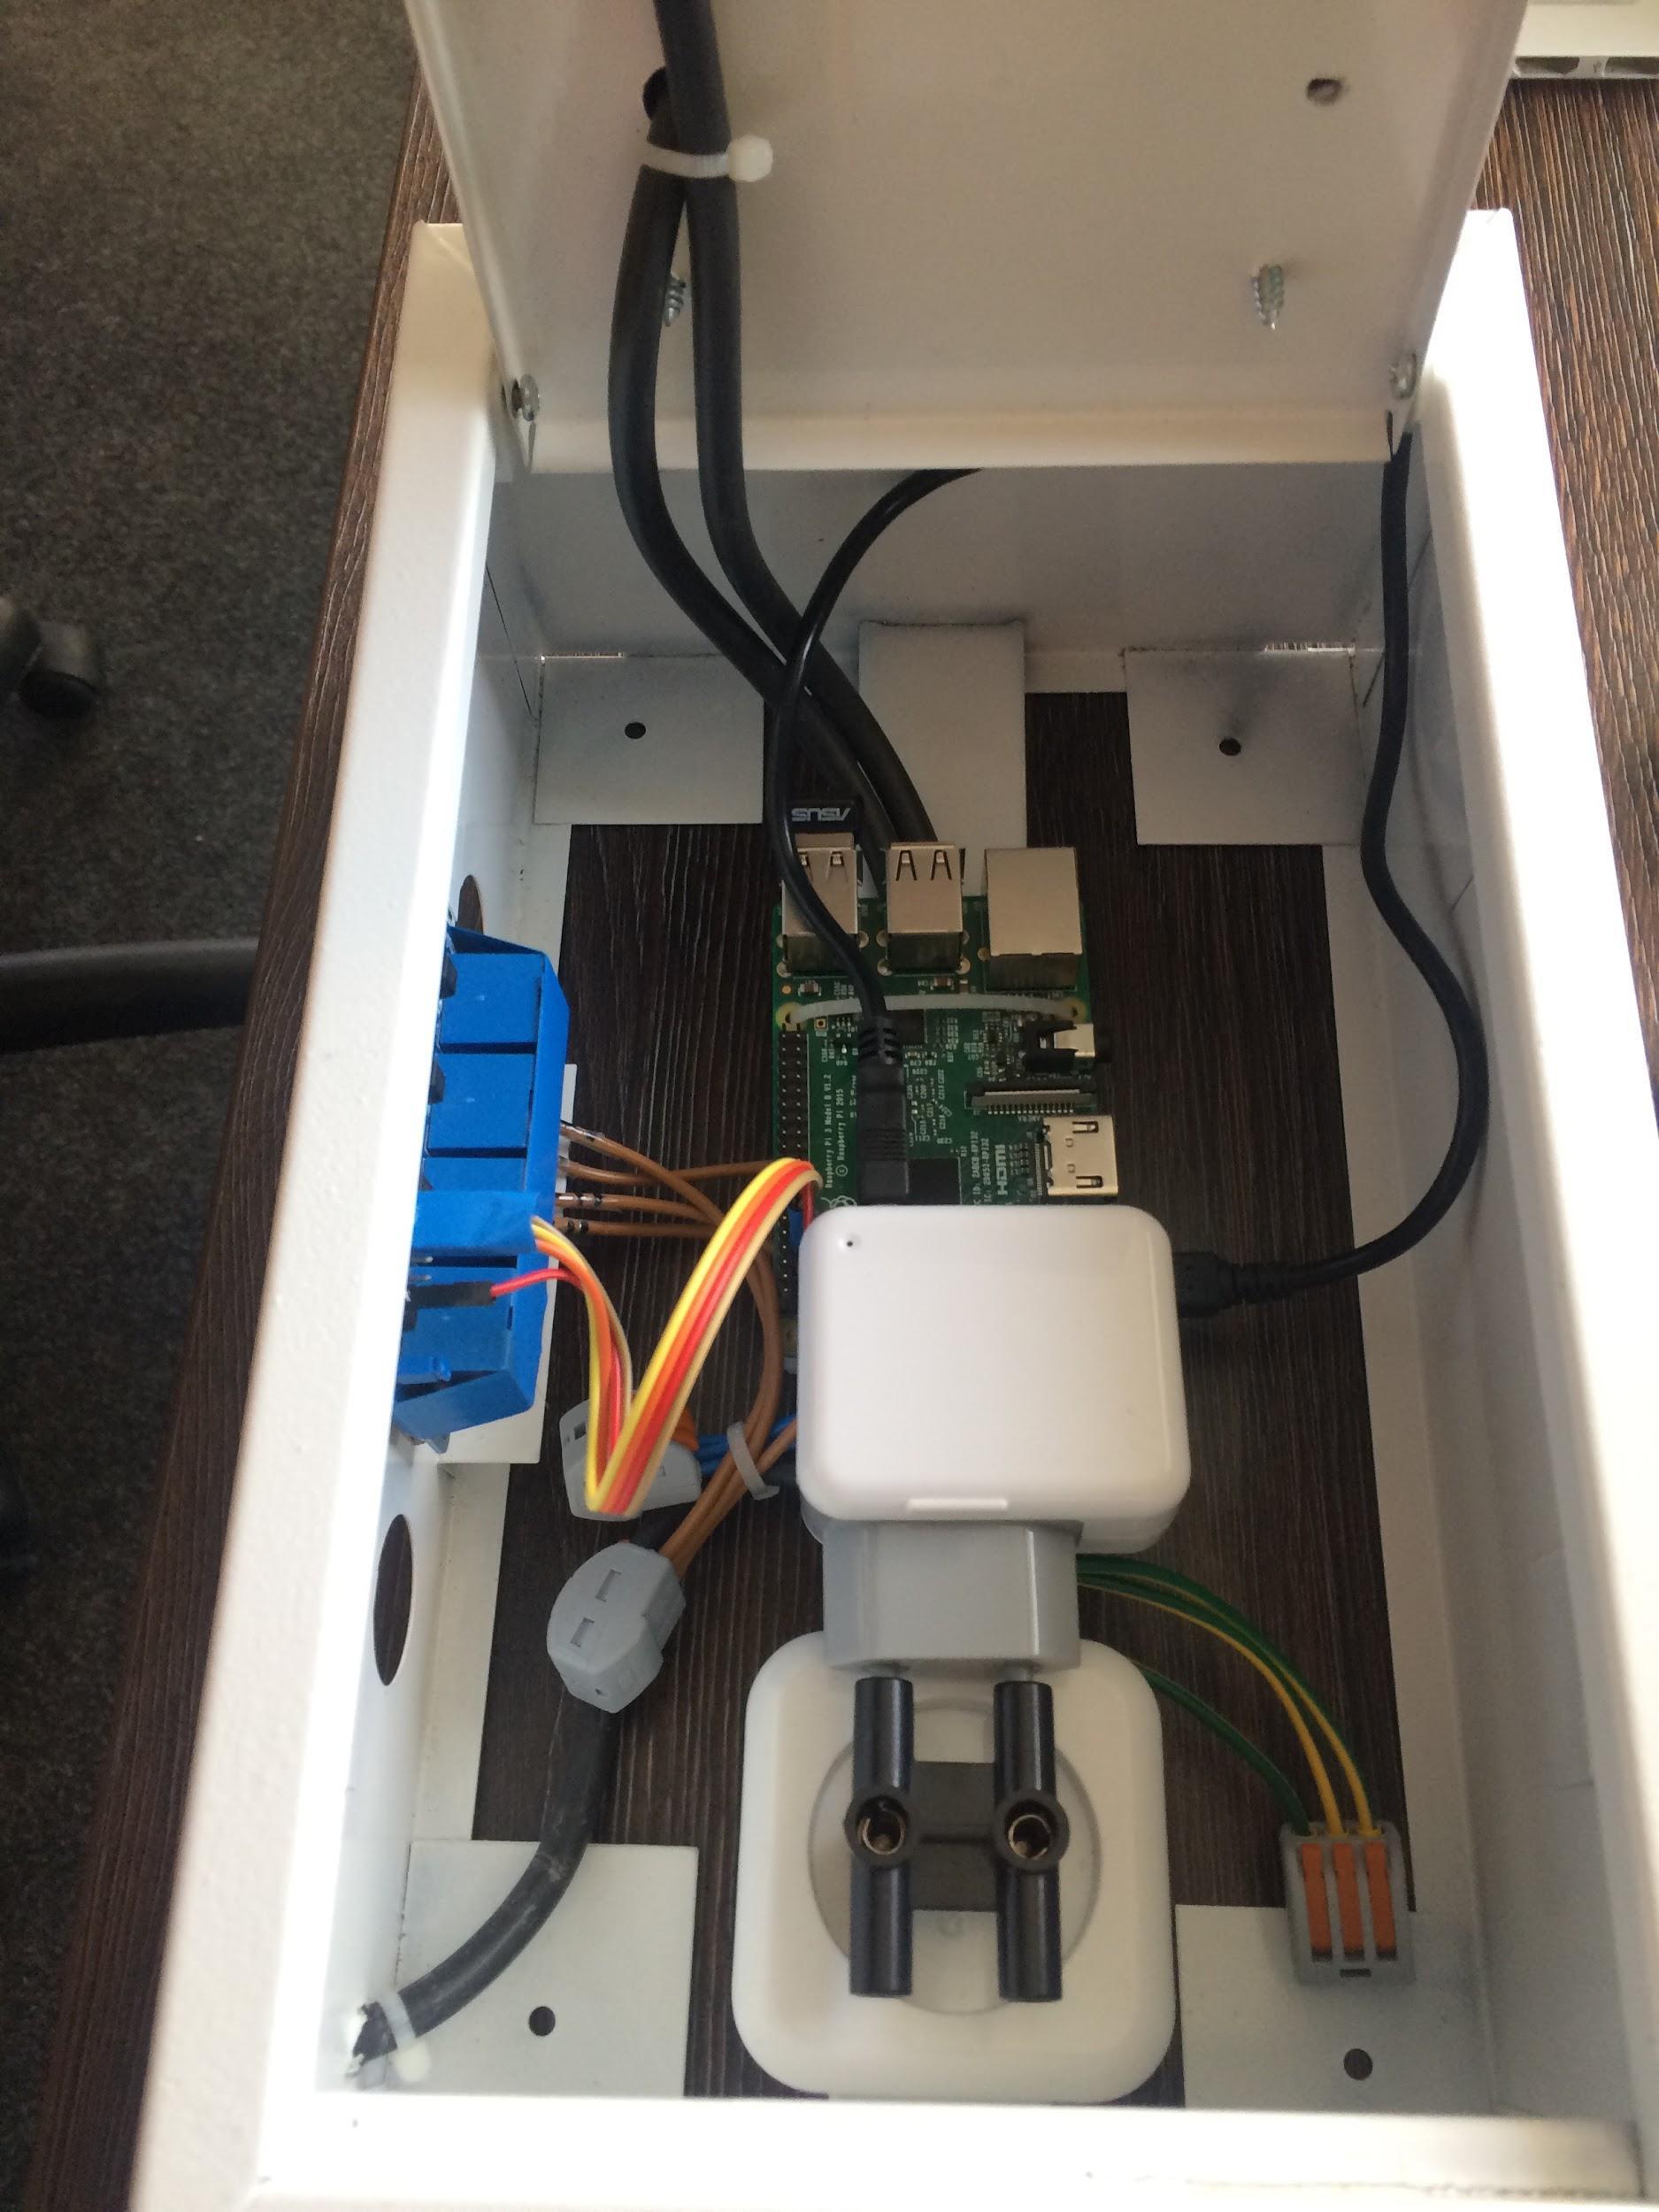 EV prototype wiring